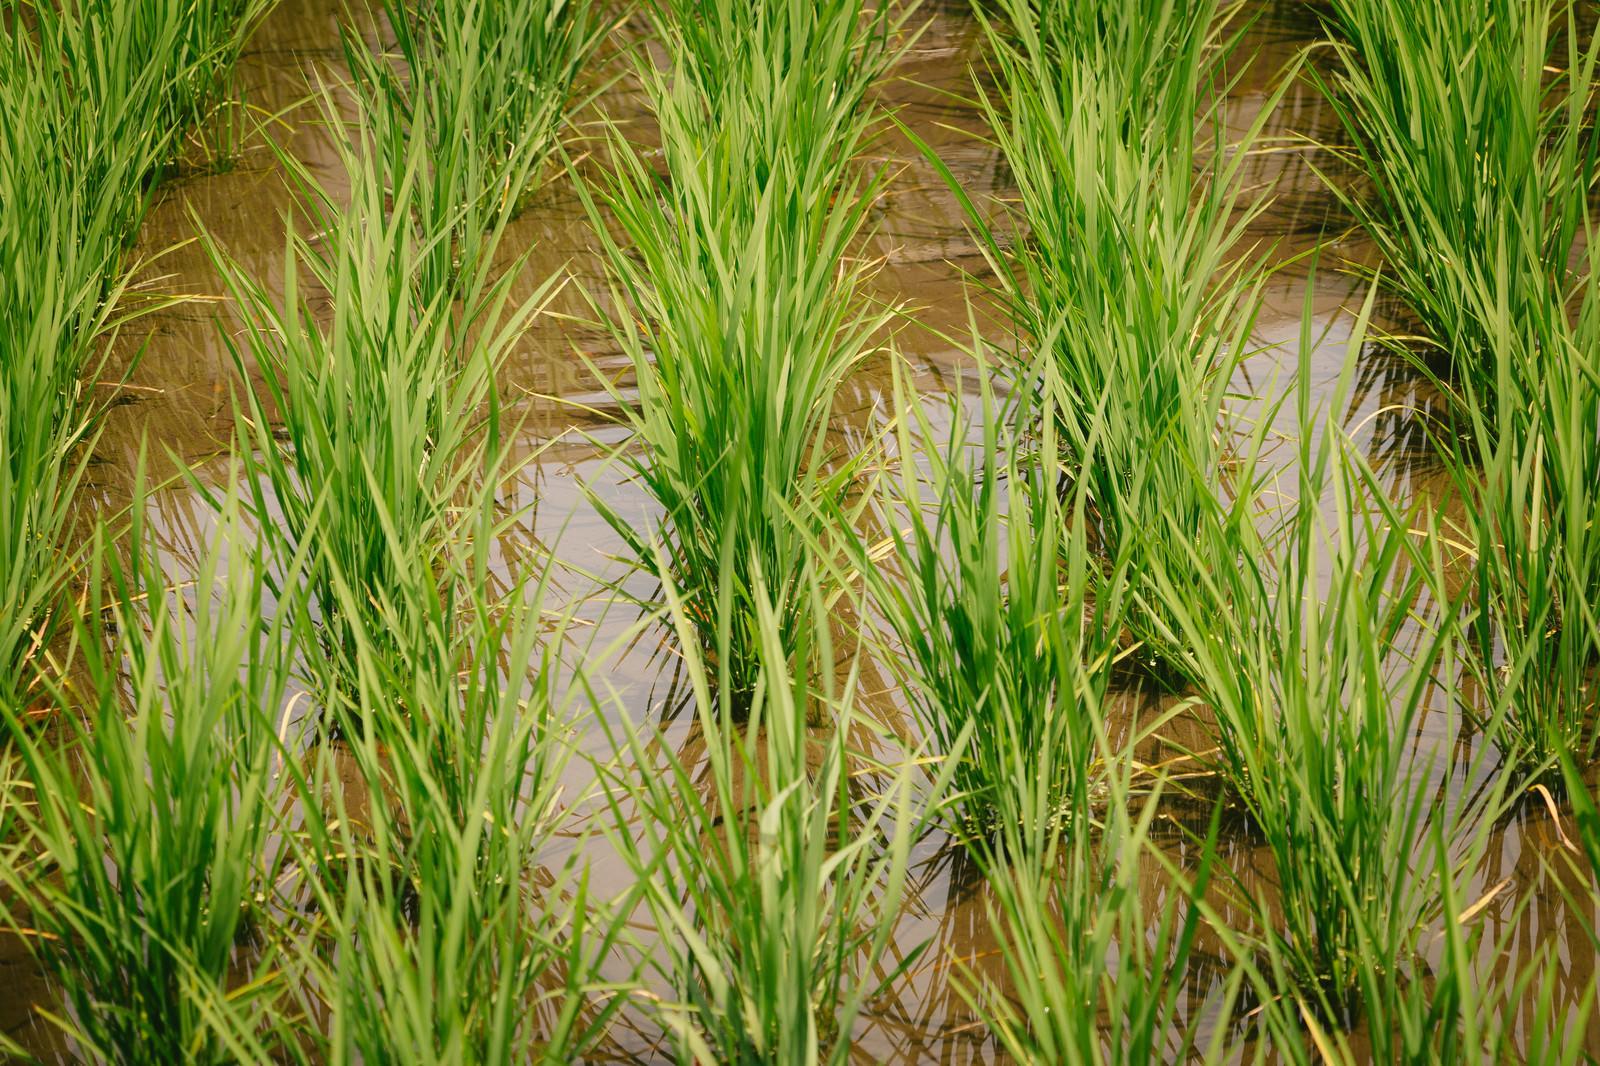 「田んぼに水が浸る」の写真